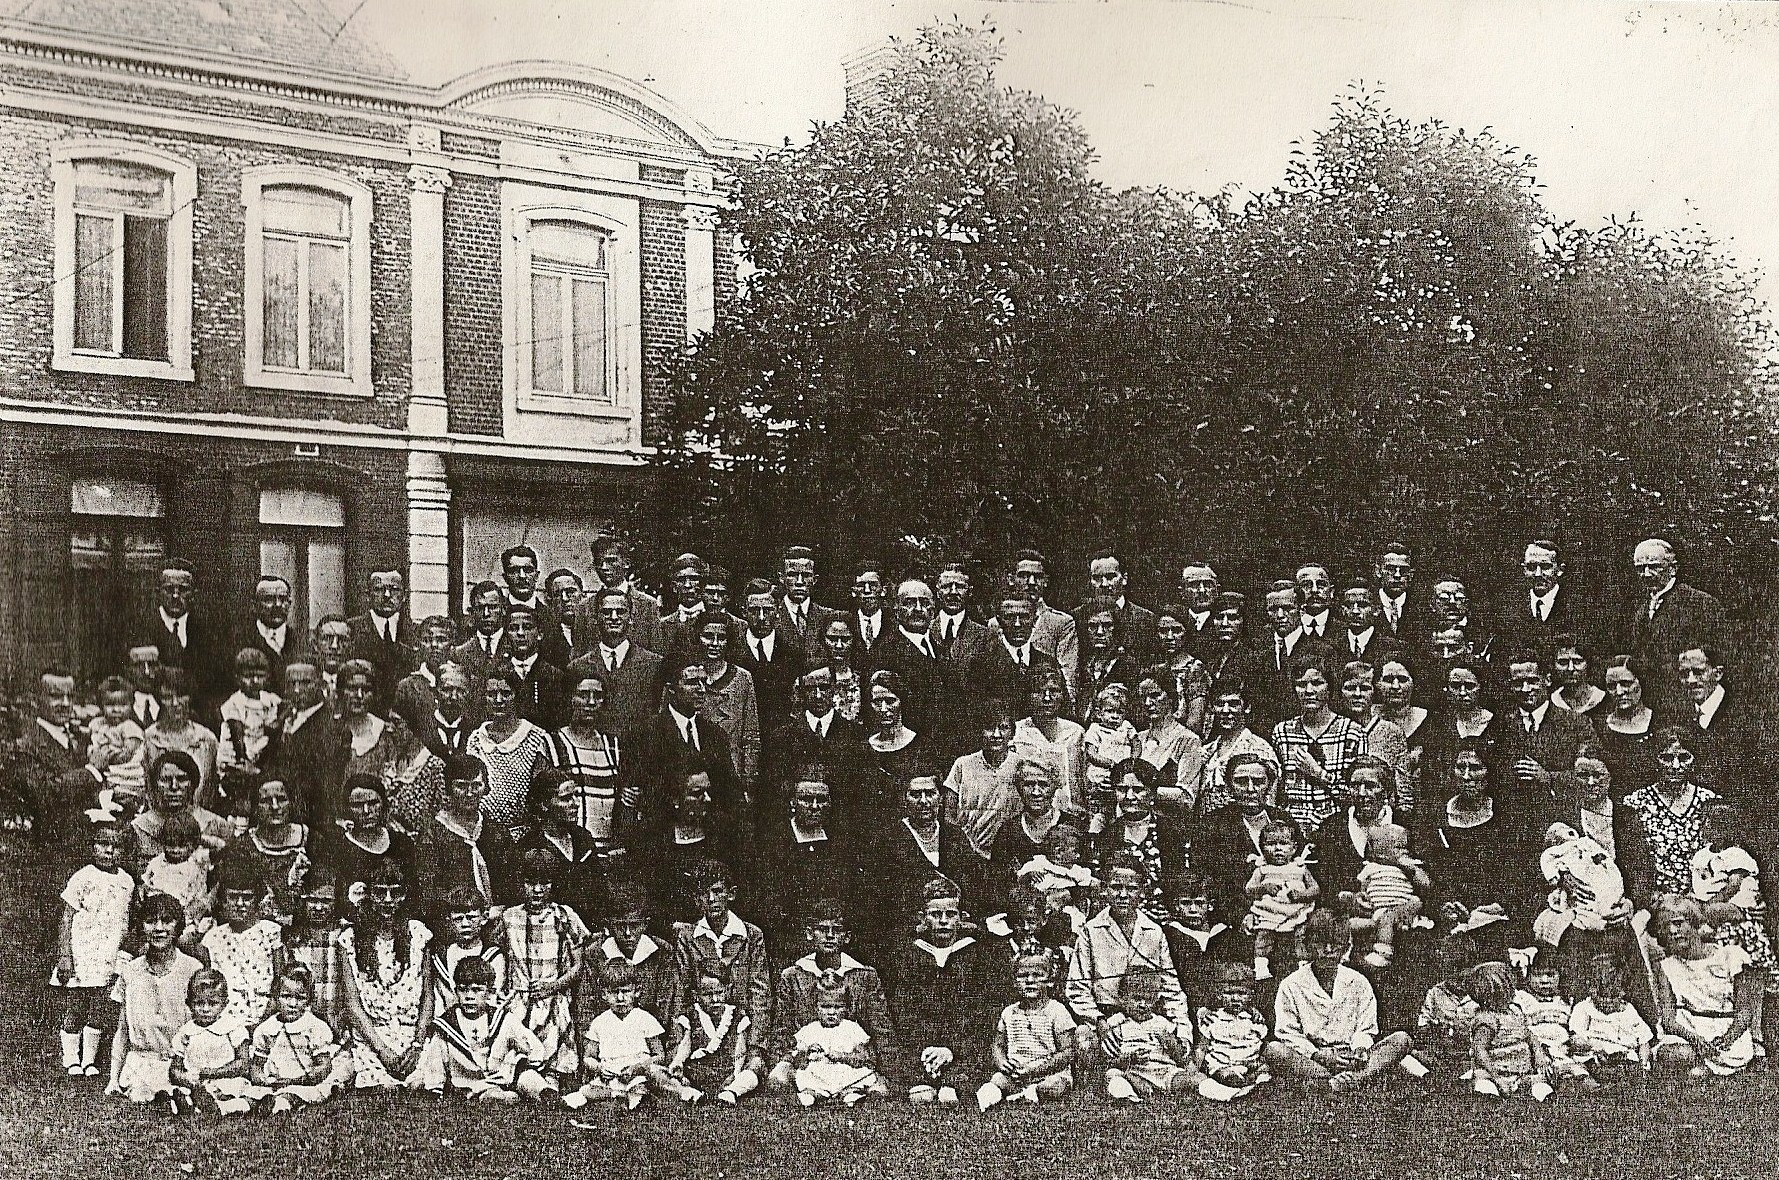 Dalle-Lorthiois-ete-1929-9, rue-Wervicq-Bousbecque